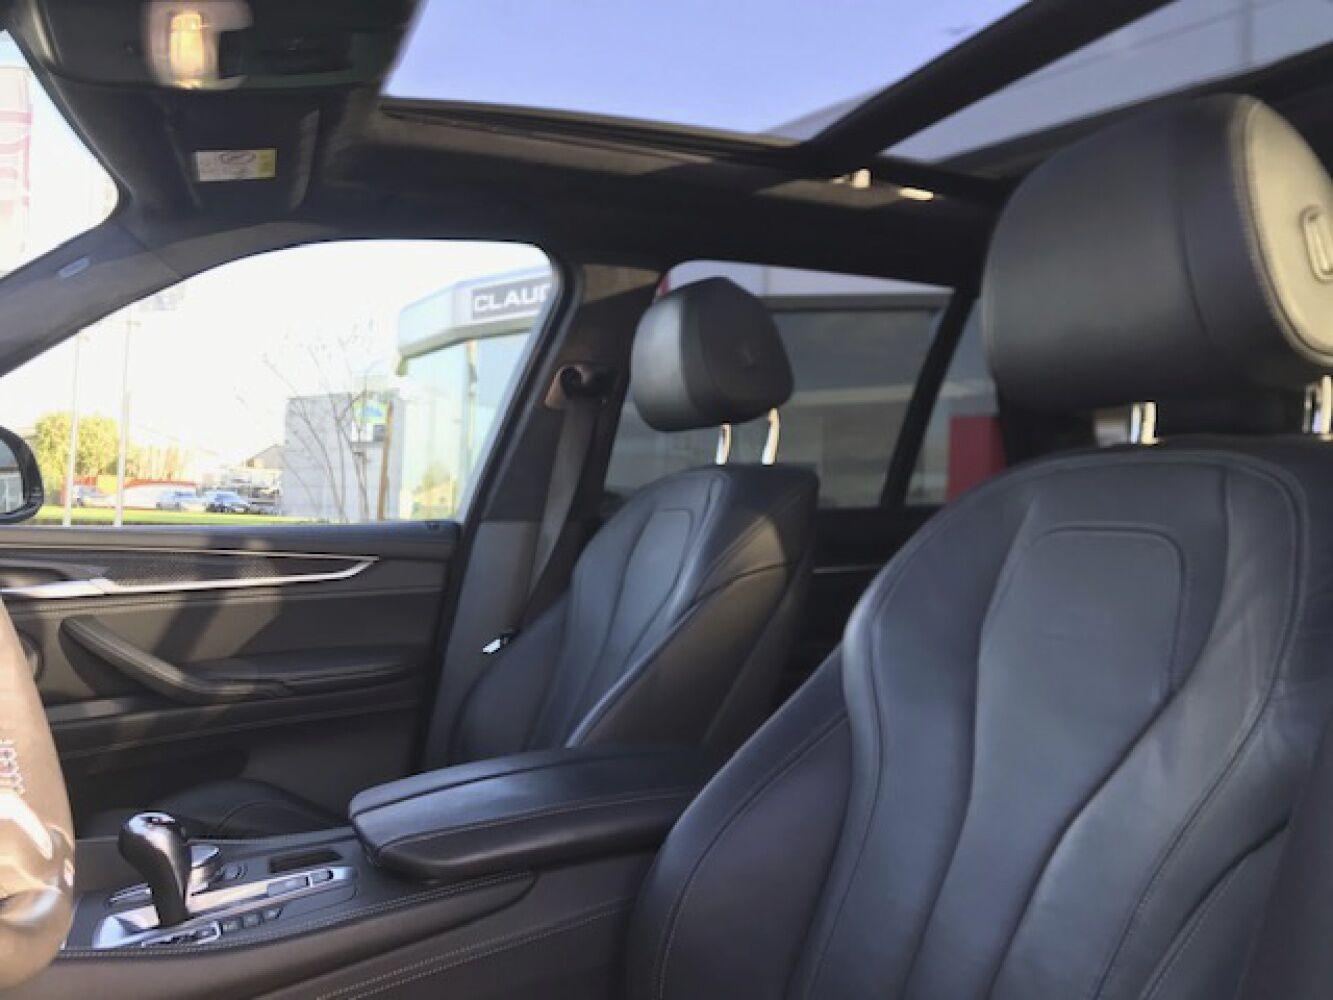 BMW X5 M 7/22